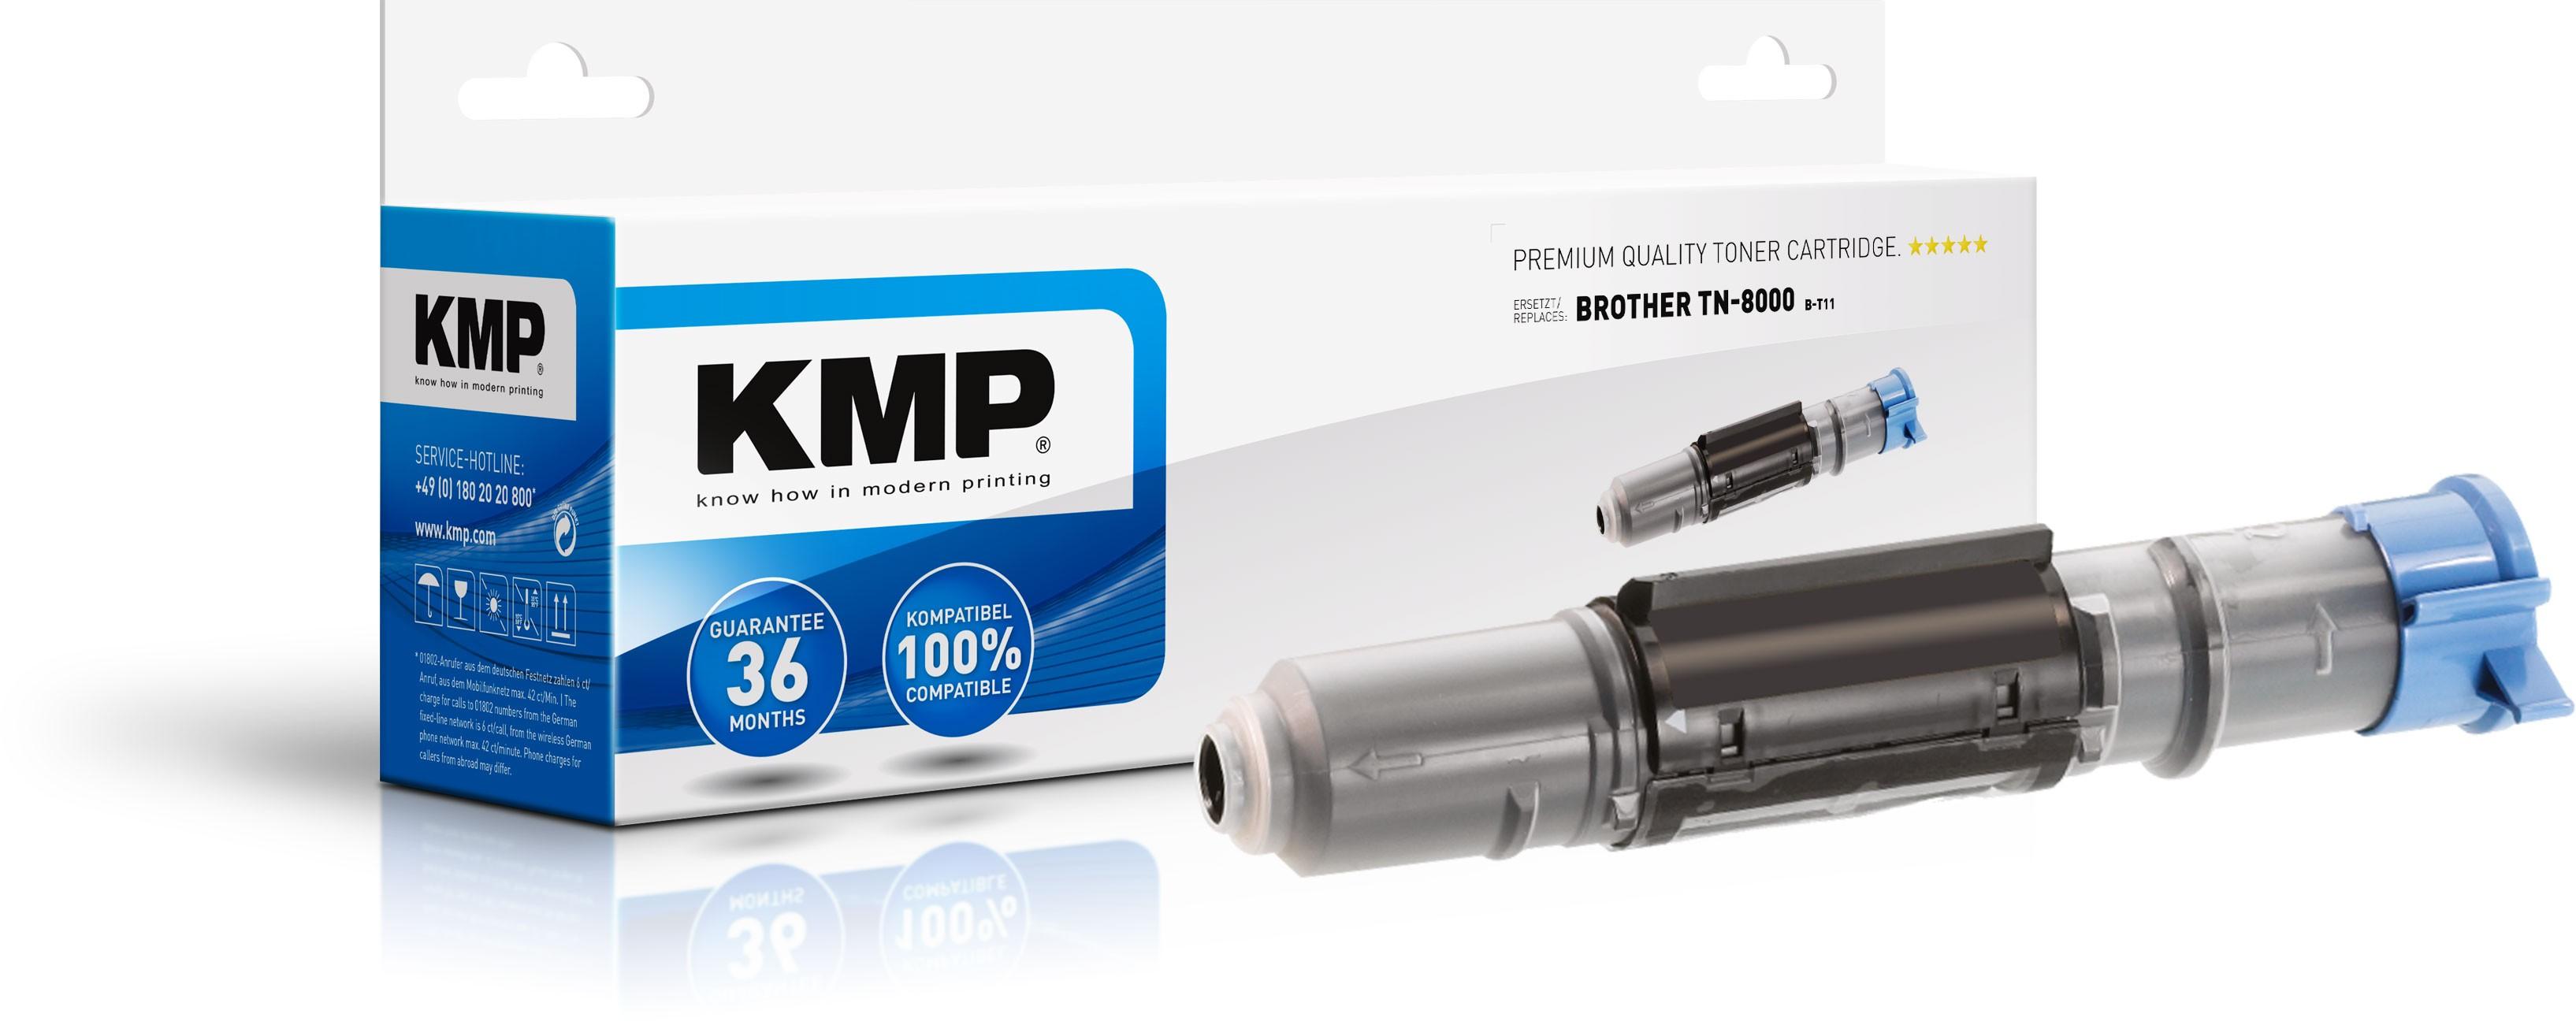 Vorschau: KMP Toner für Brother TN-8000 Fax 8070P MFC-4800 6800 9030